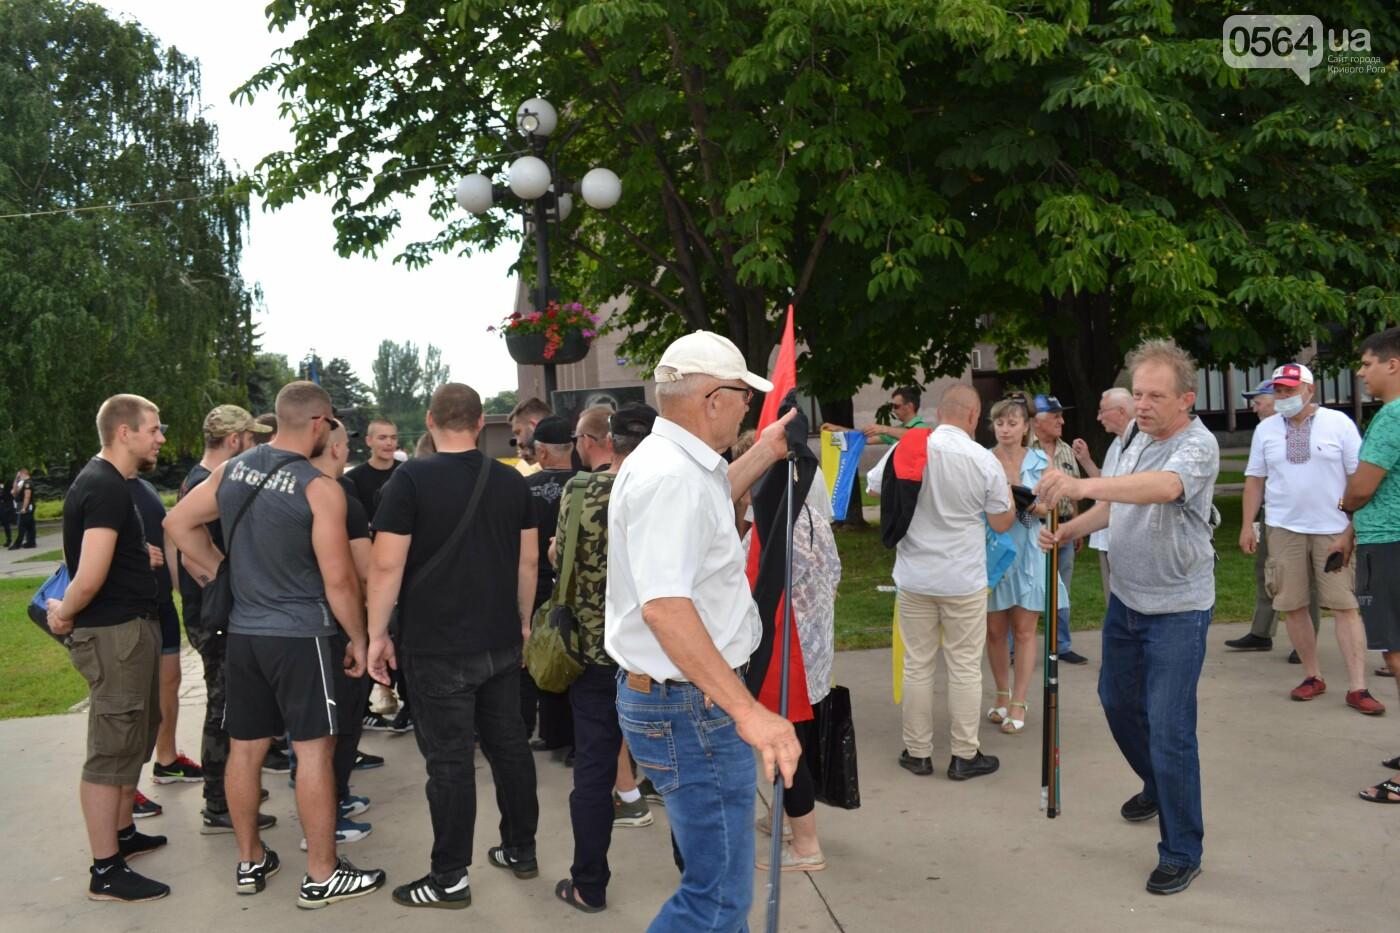 К 30-летию Независимости Украины в Кривом Роге установили мемориальную плиту в память о Корнее Речмидило, - ФОТО, ВИДЕО, фото-62